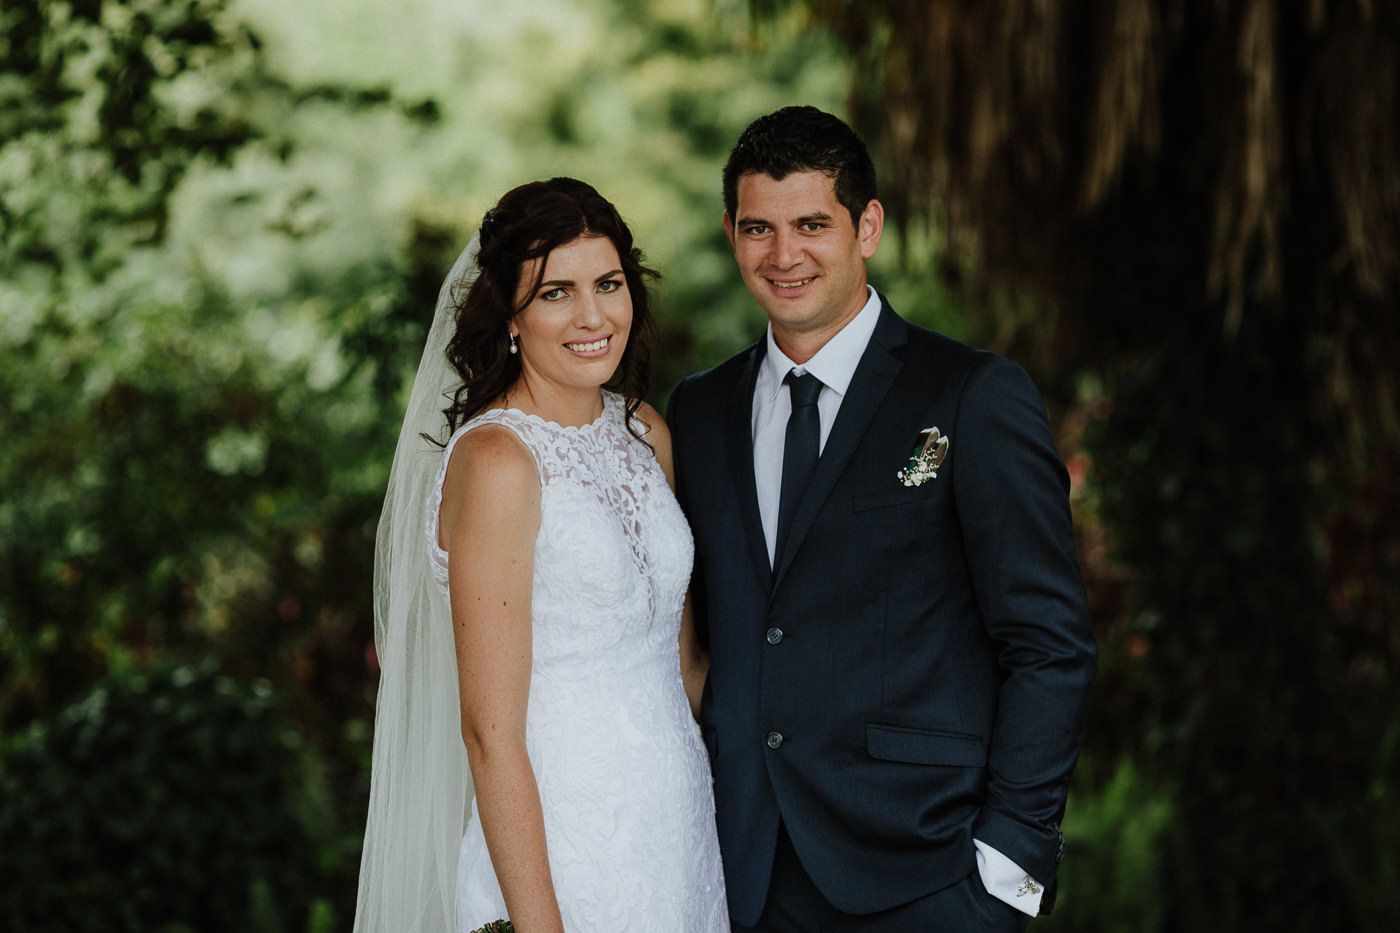 nz_wedding_photographer_gisborne-1047.jpg